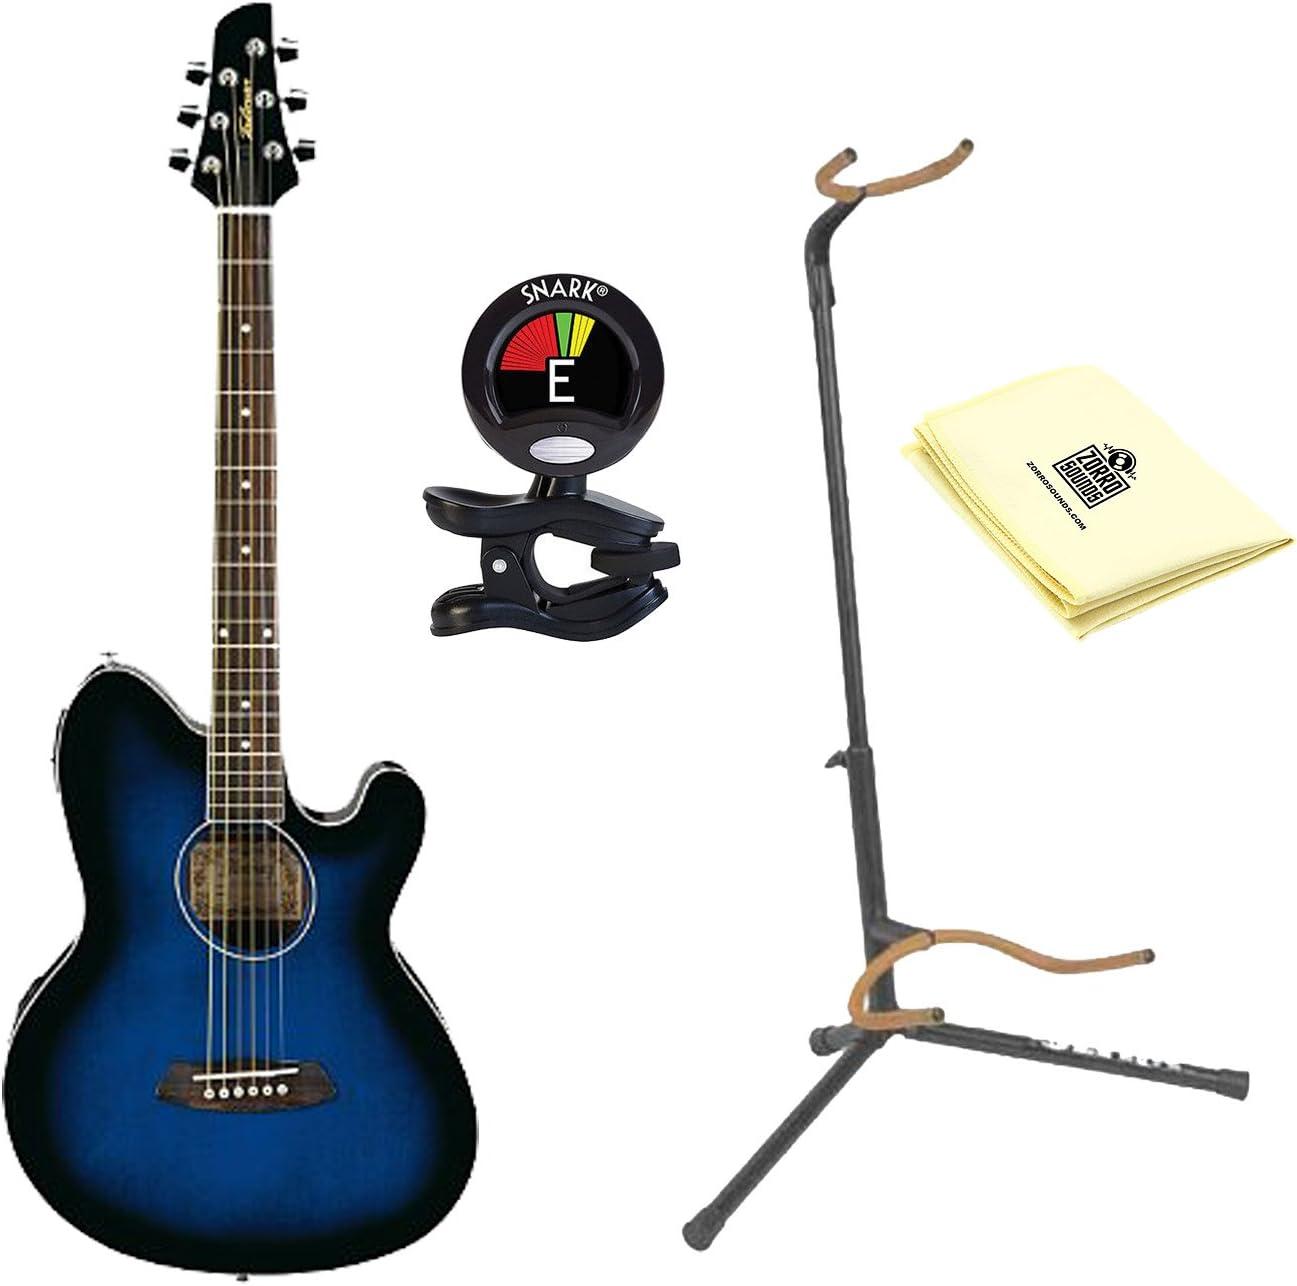 Ibanez tcy10etbs Talman Electroacústica guitarra, transparente ...